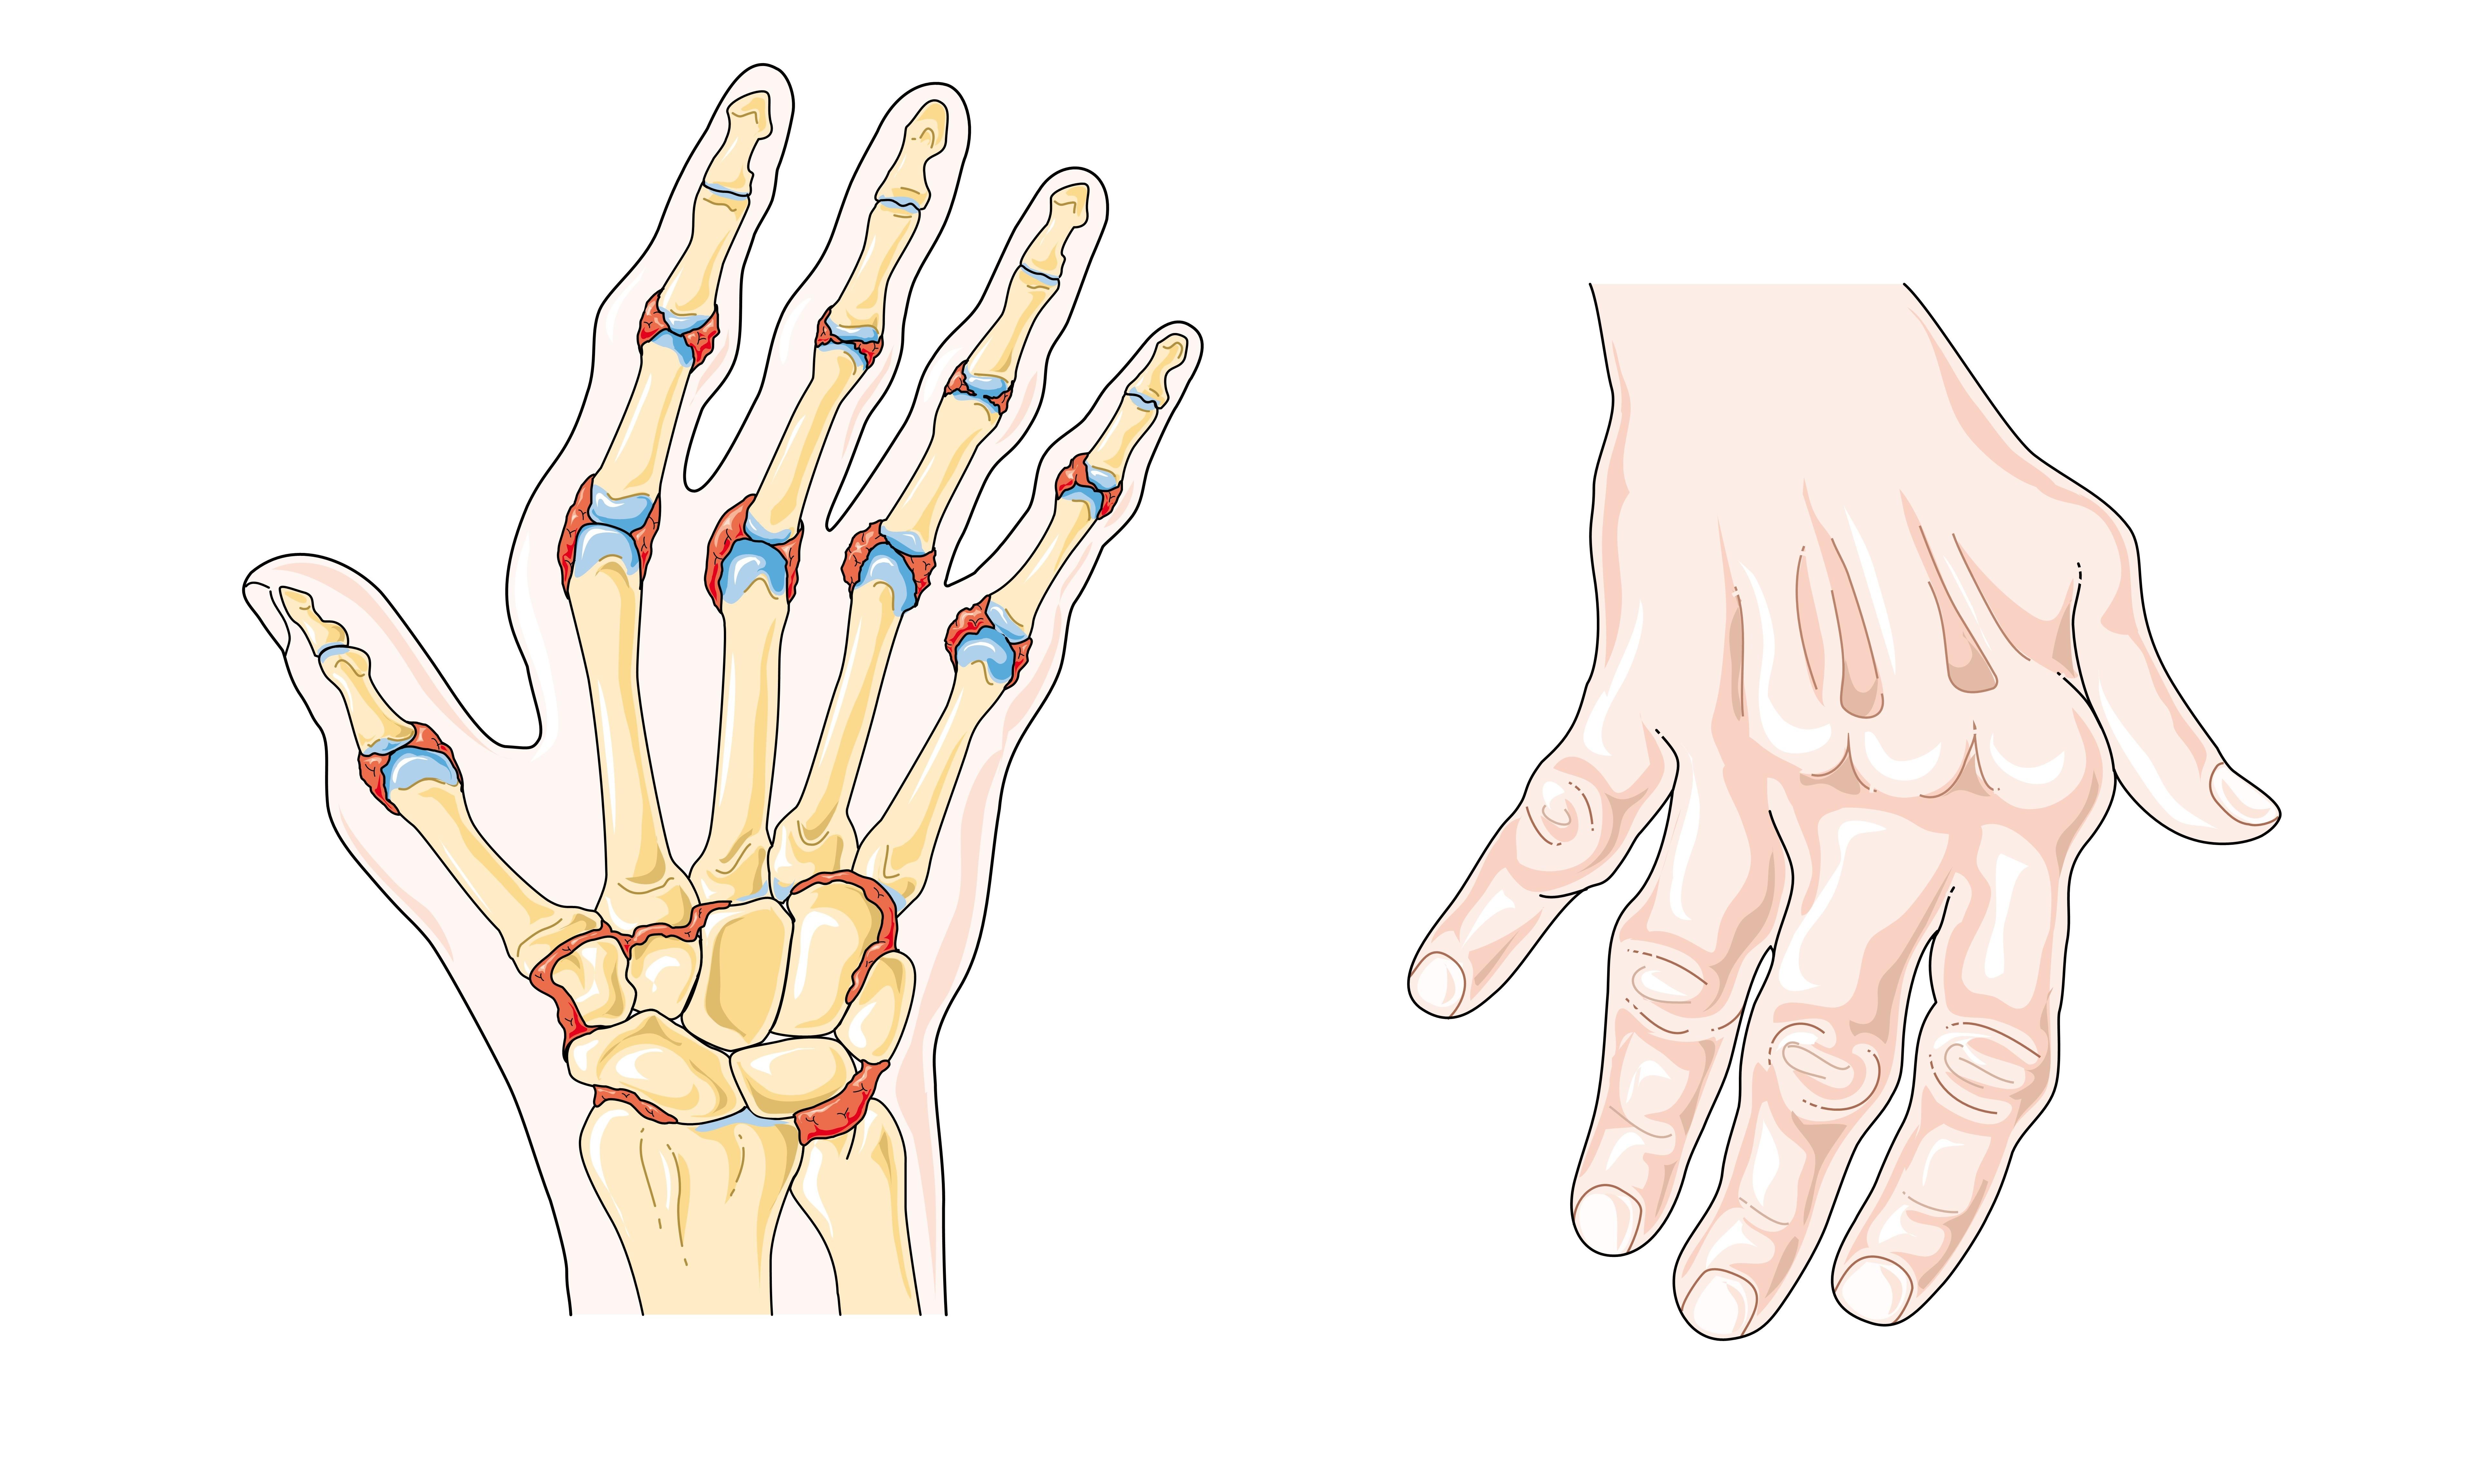 mit kell csinálni a csípőízületek fájnak ízületi gyulladást és fájdalom ingadozást figyelnek meg